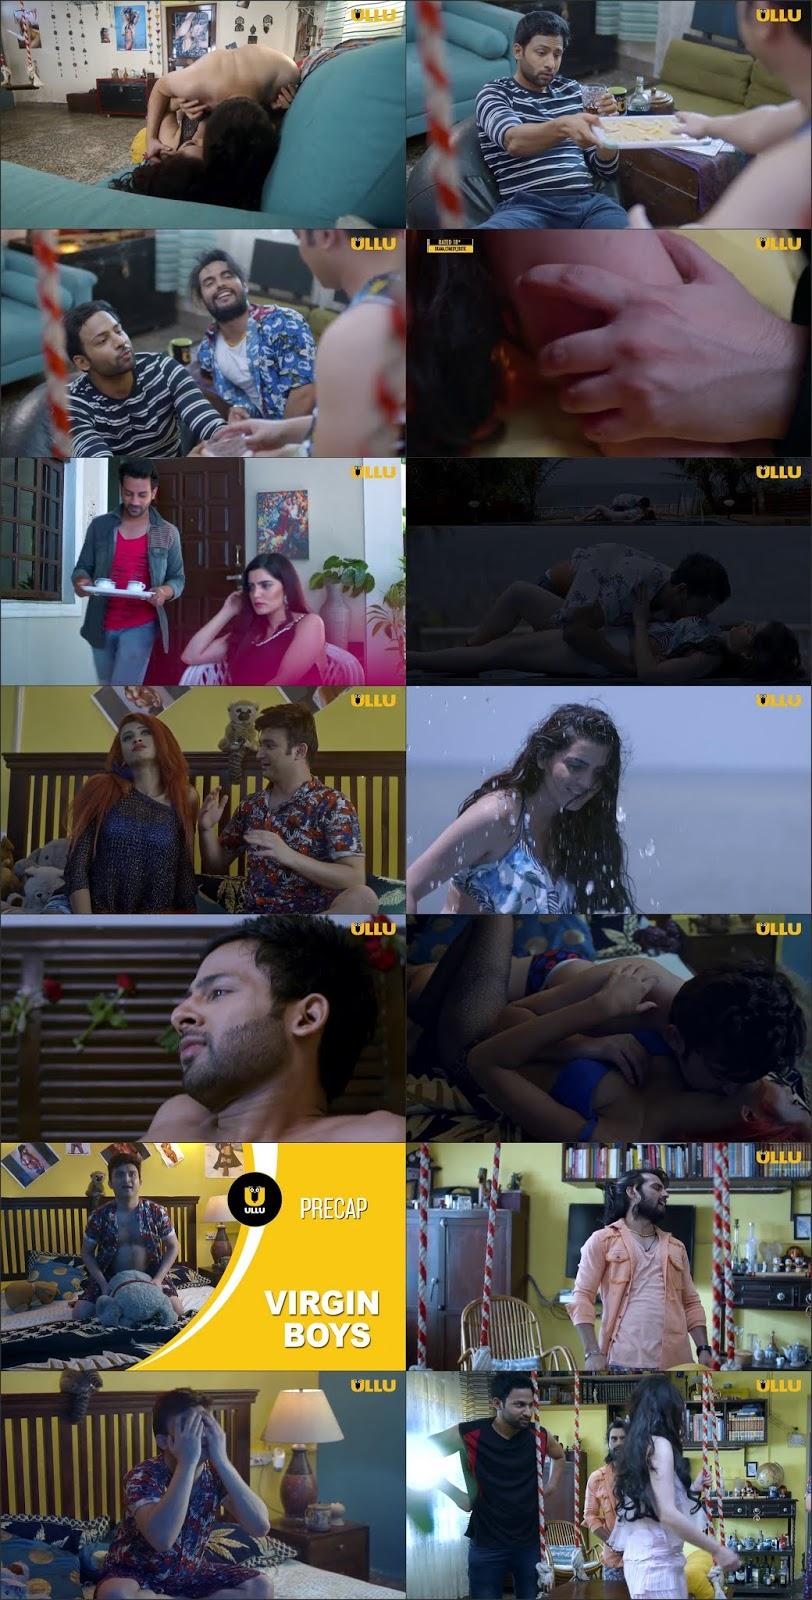 Virgin Boys 2020 HDRip 750MB Part 2 Hindi 720p Download